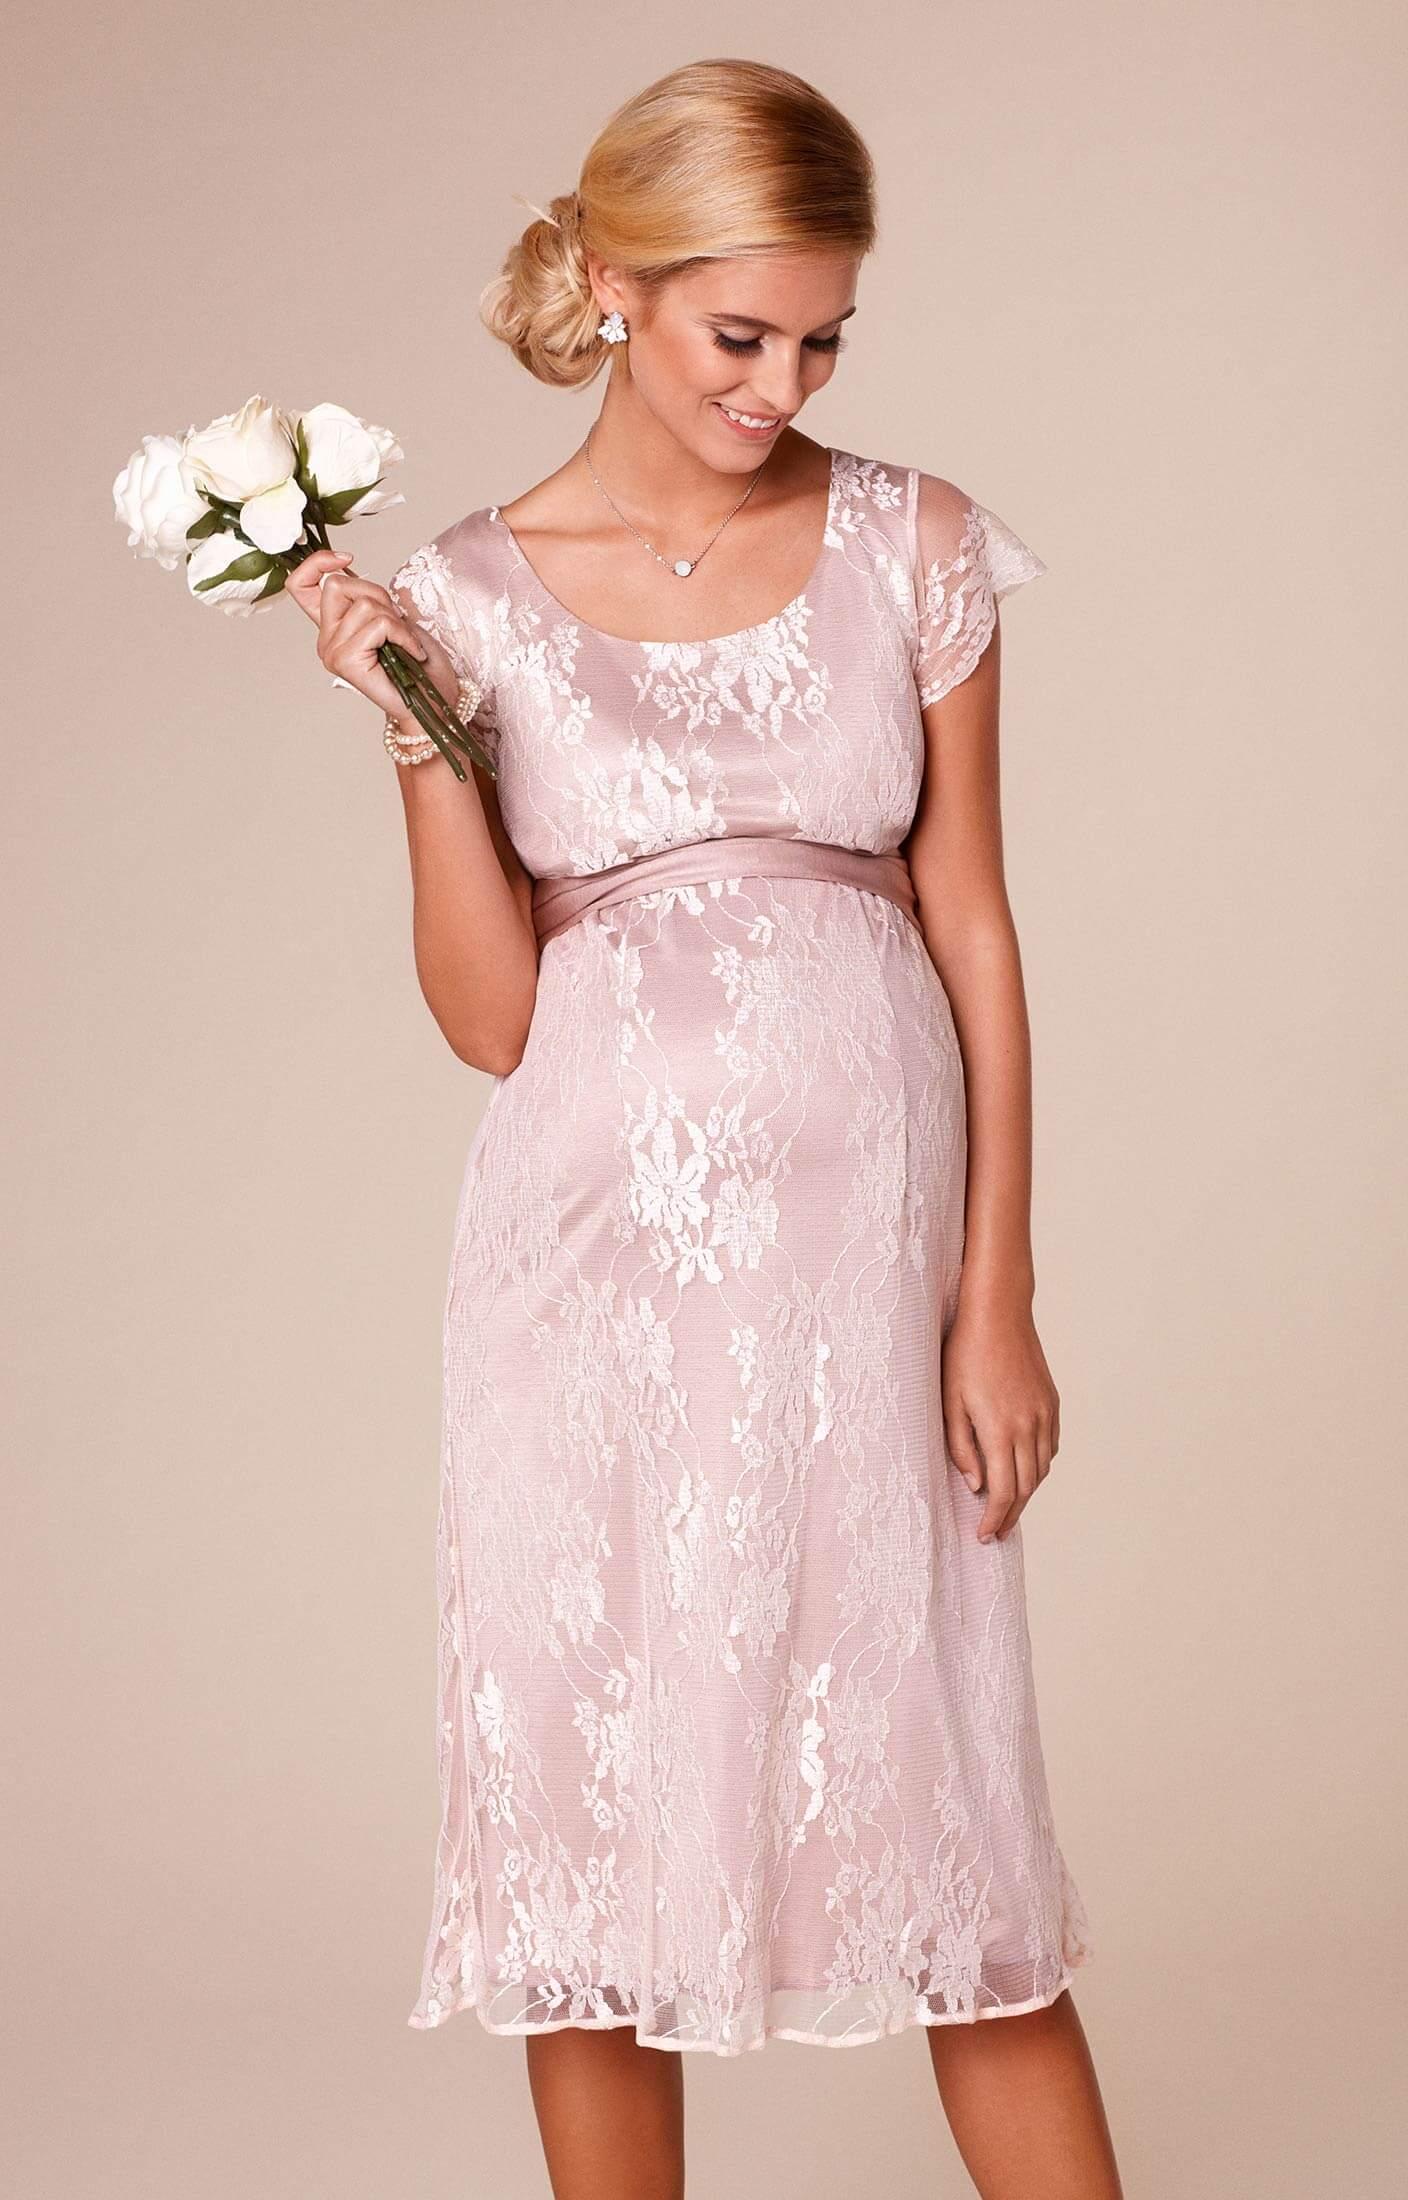 April nursing lace dress blush maternity wedding dresses for Nursing dresses for wedding